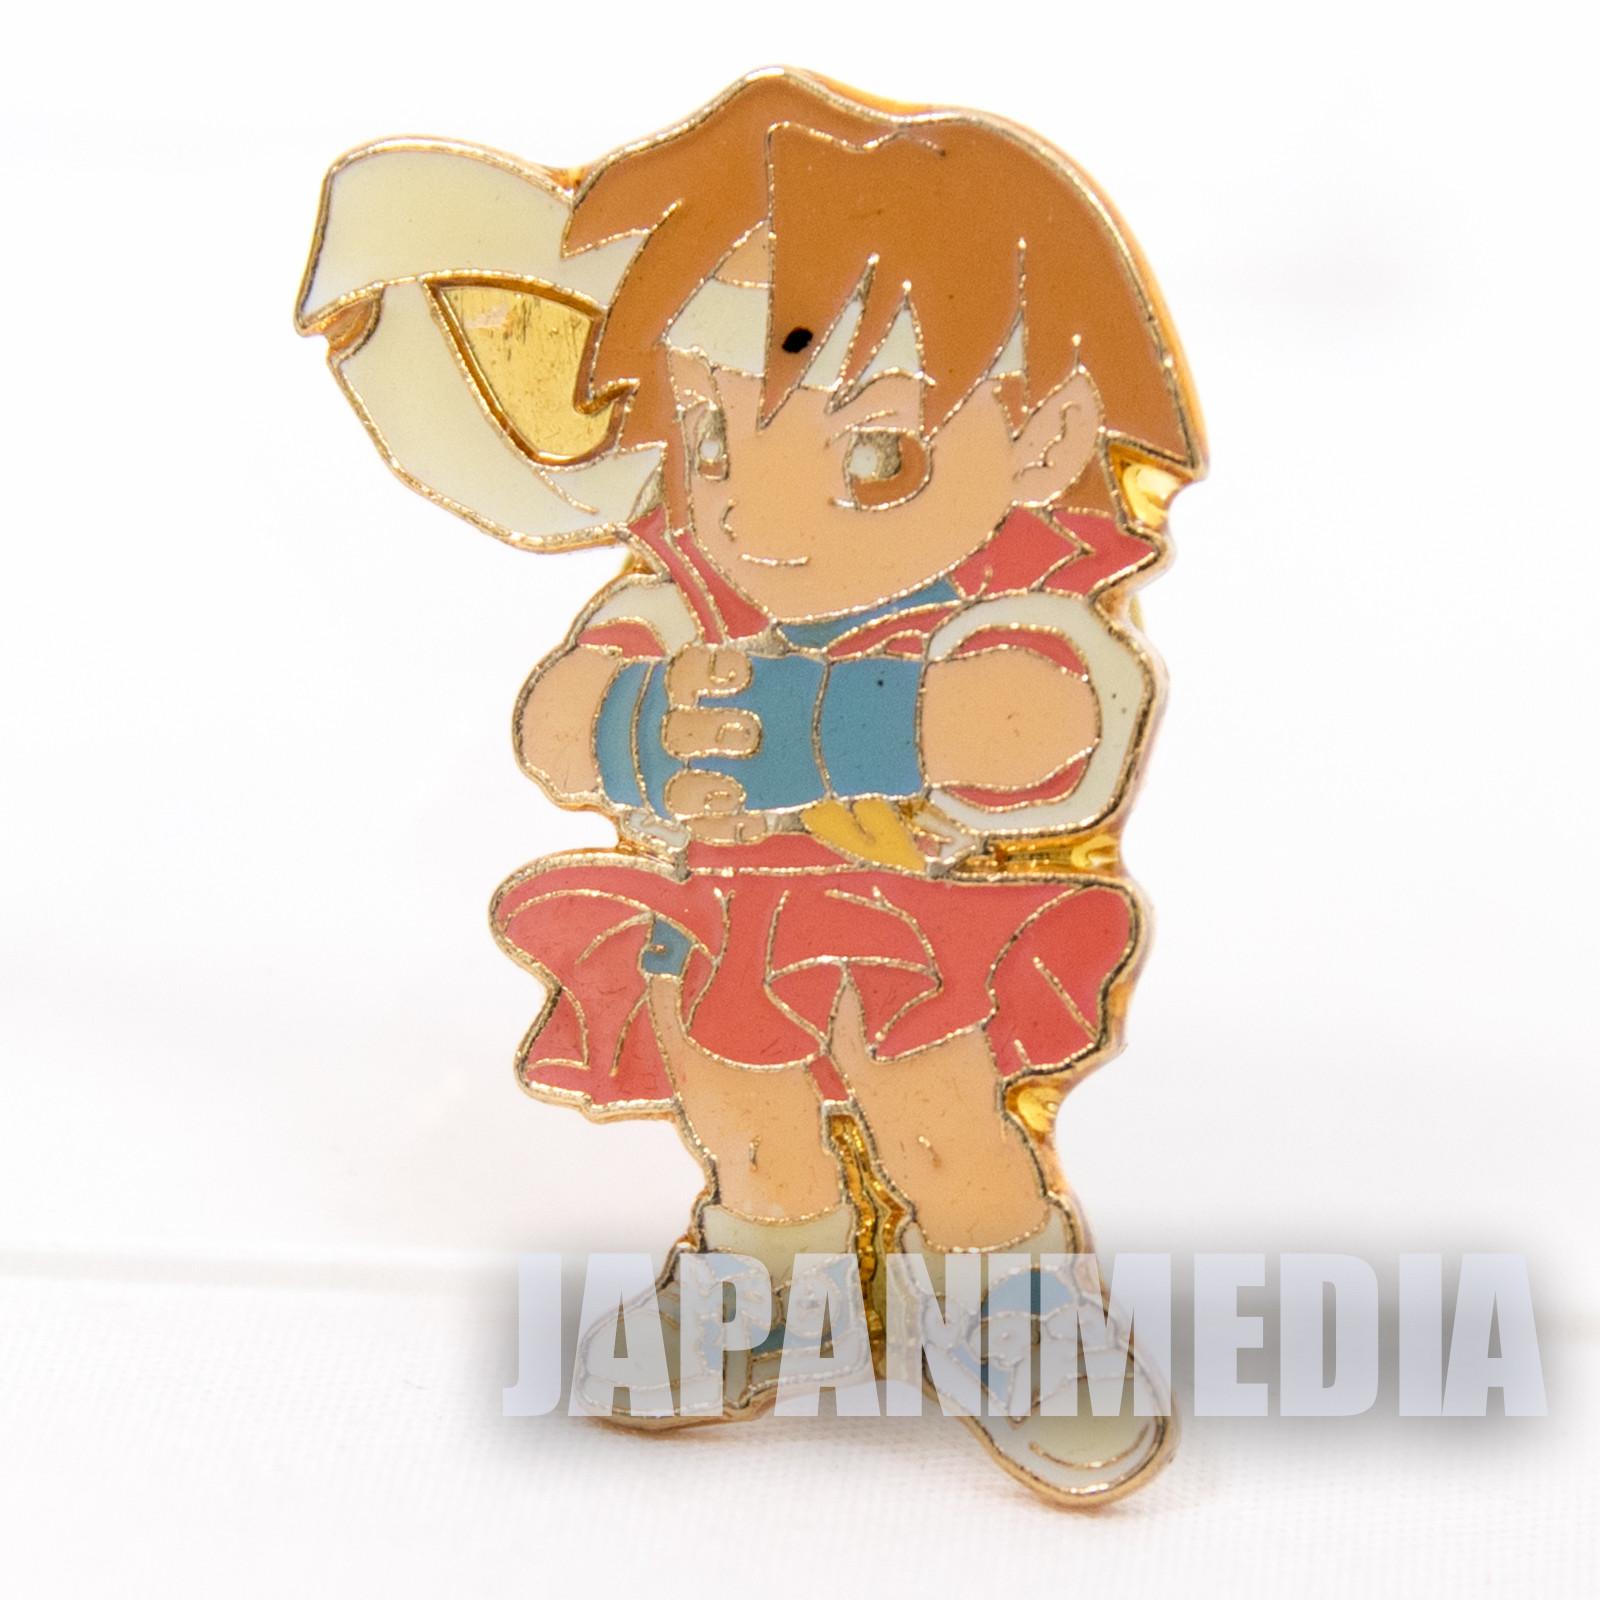 Street Fighter 2 Metal Pins Badge Sakura Capcom Character JAPAN GAME 2